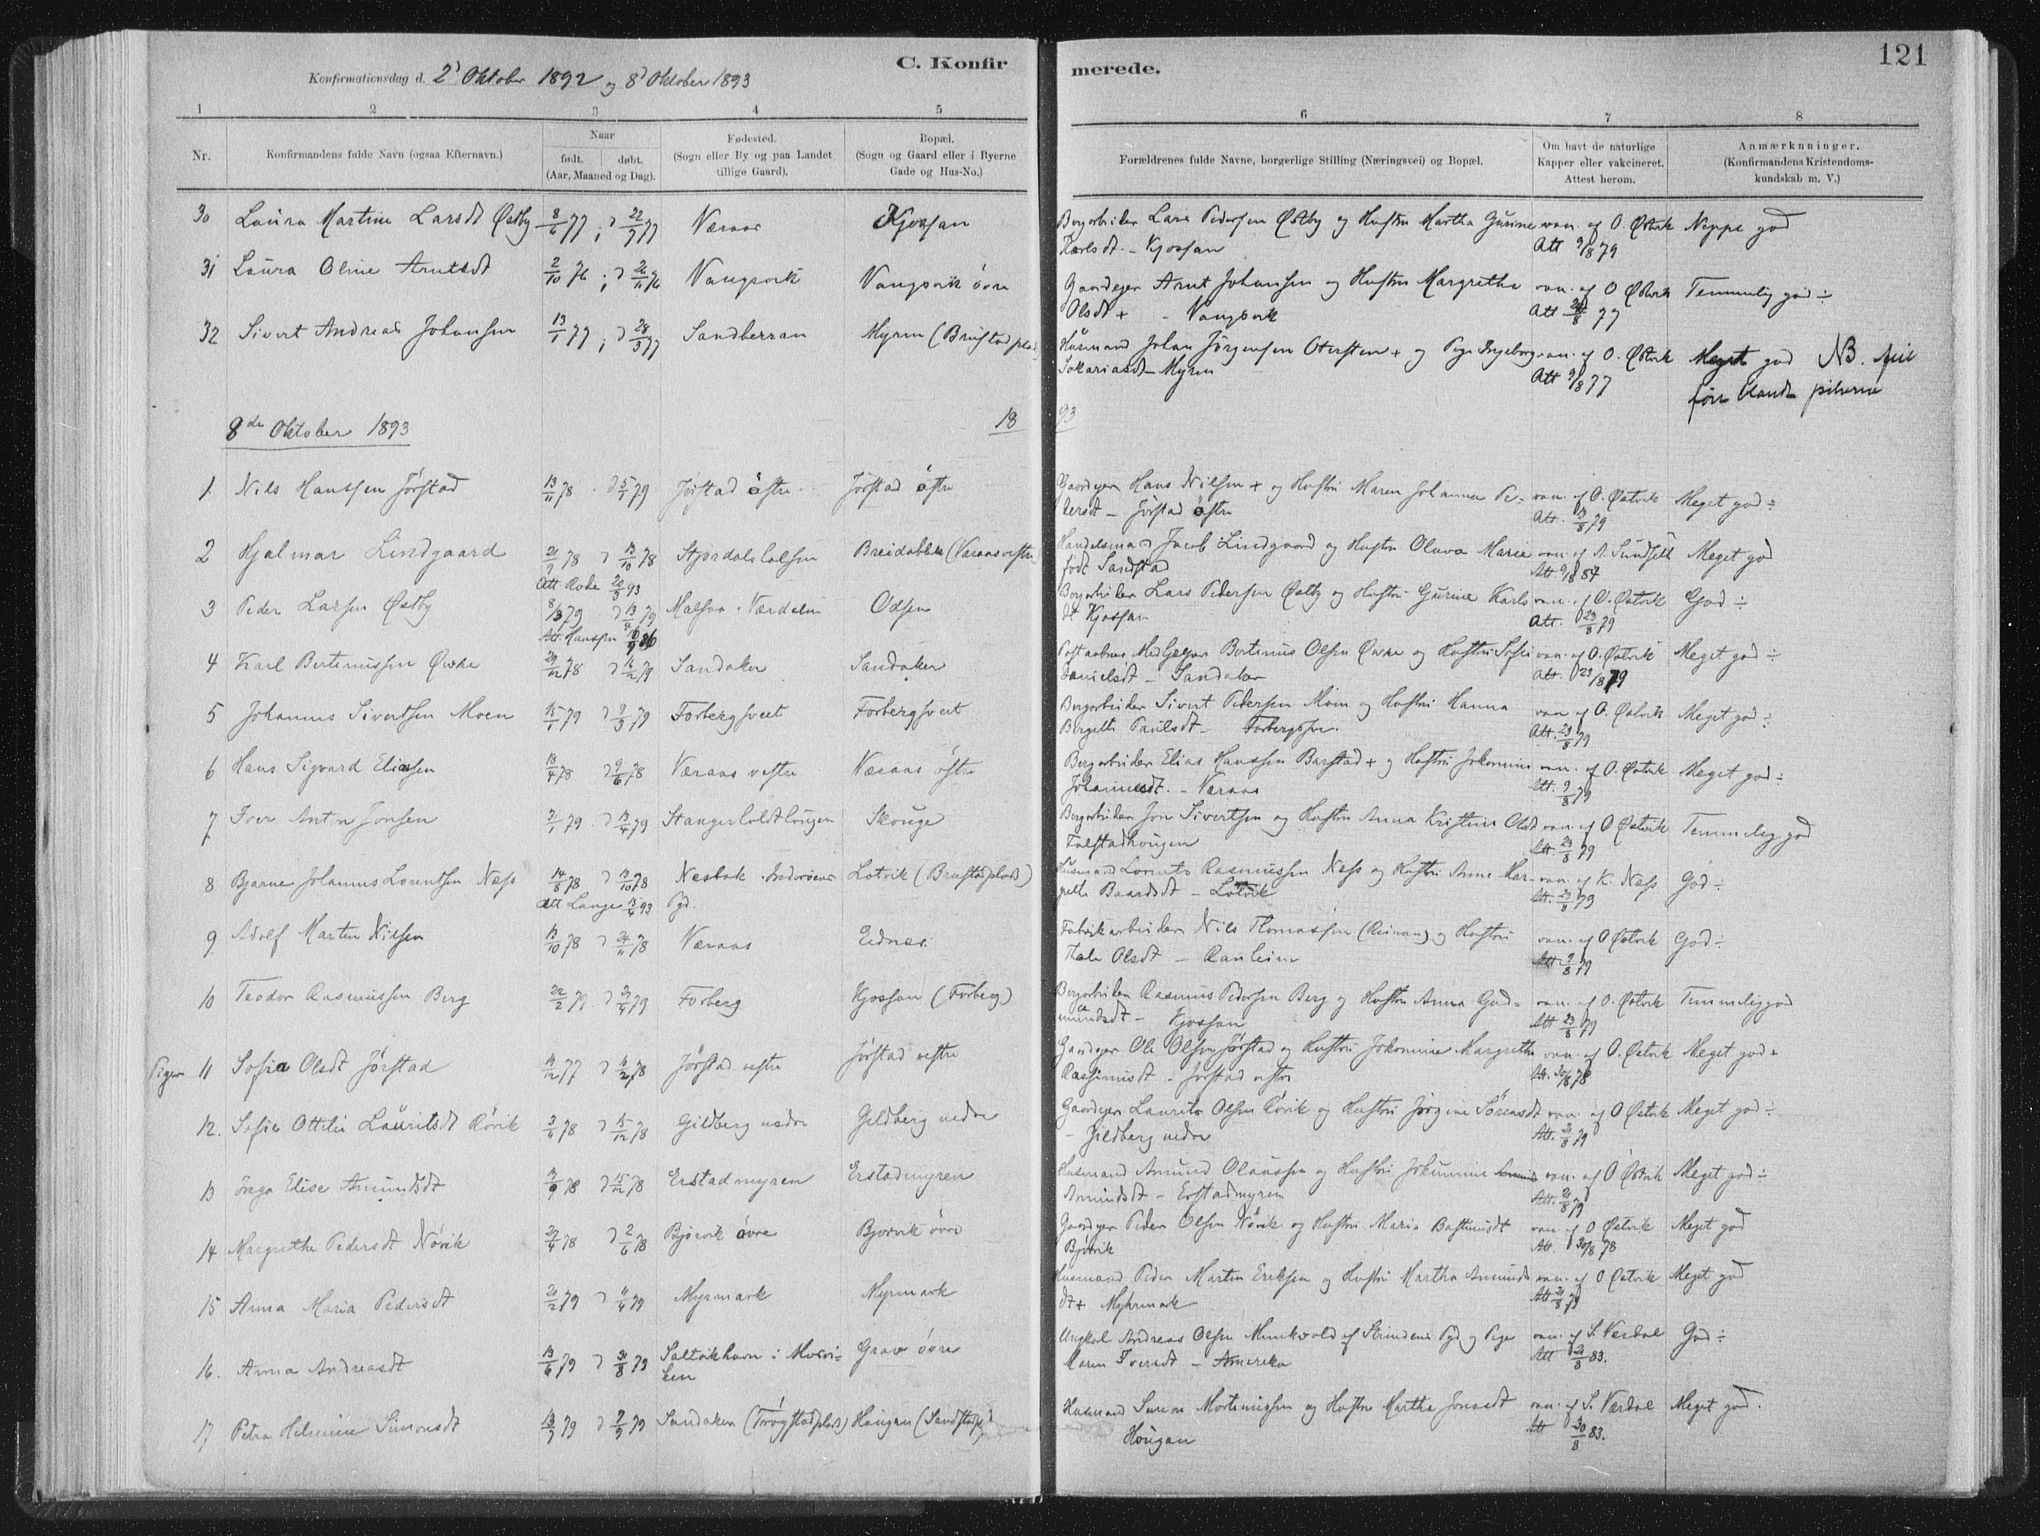 SAT, Ministerialprotokoller, klokkerbøker og fødselsregistre - Nord-Trøndelag, 722/L0220: Ministerialbok nr. 722A07, 1881-1908, s. 121